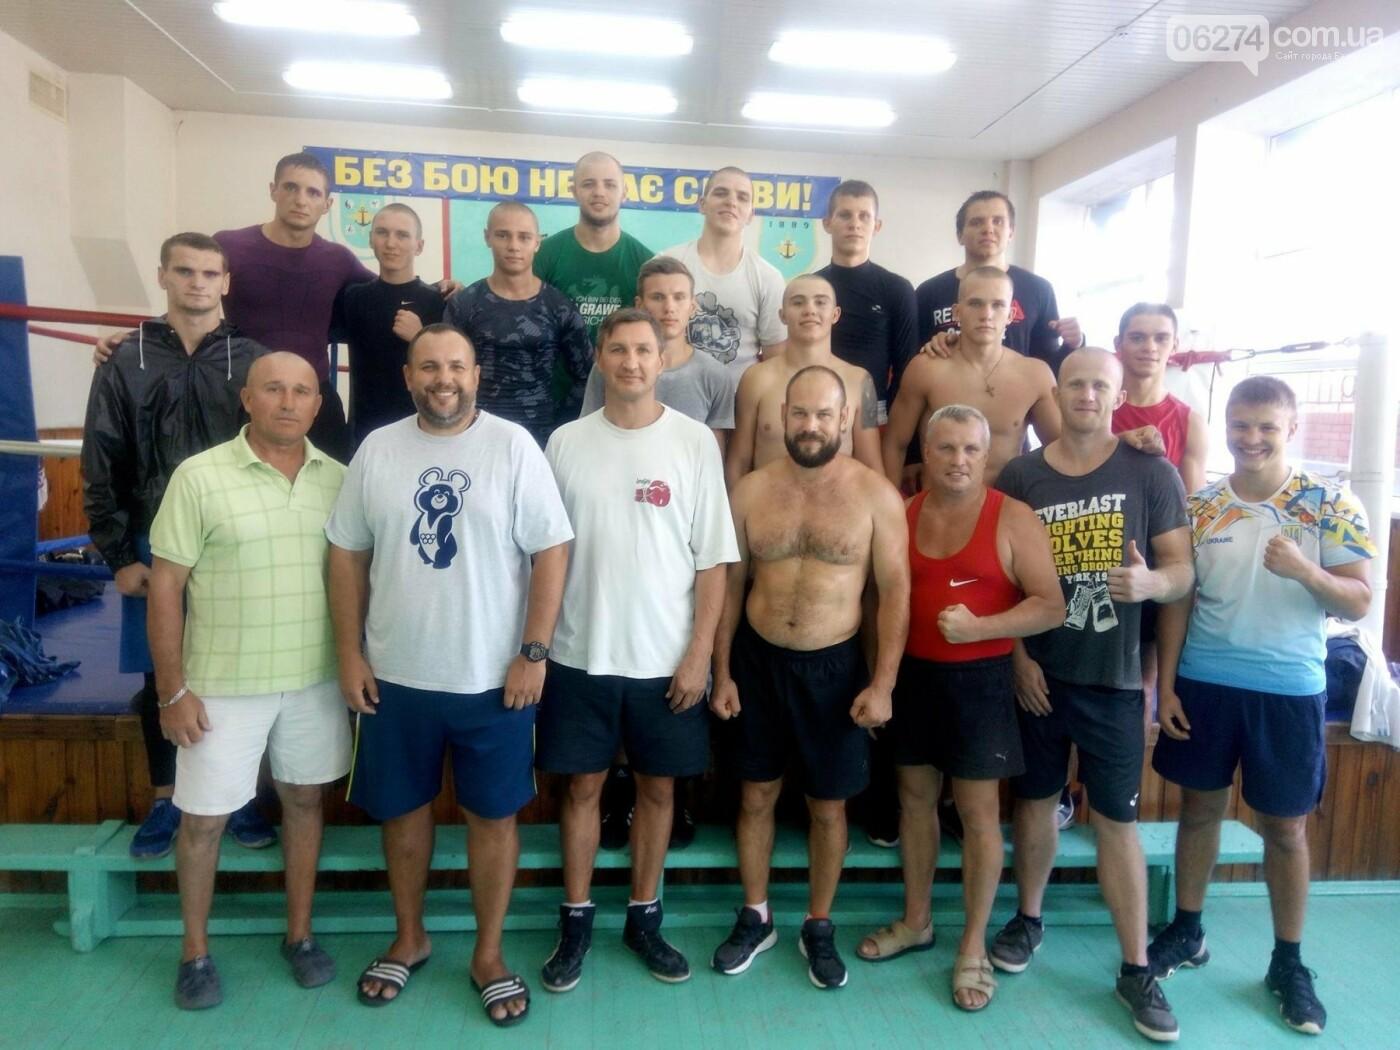 Боксеры Бахмута стартуют на чемпионате Украины в Мариуполе, фото-4